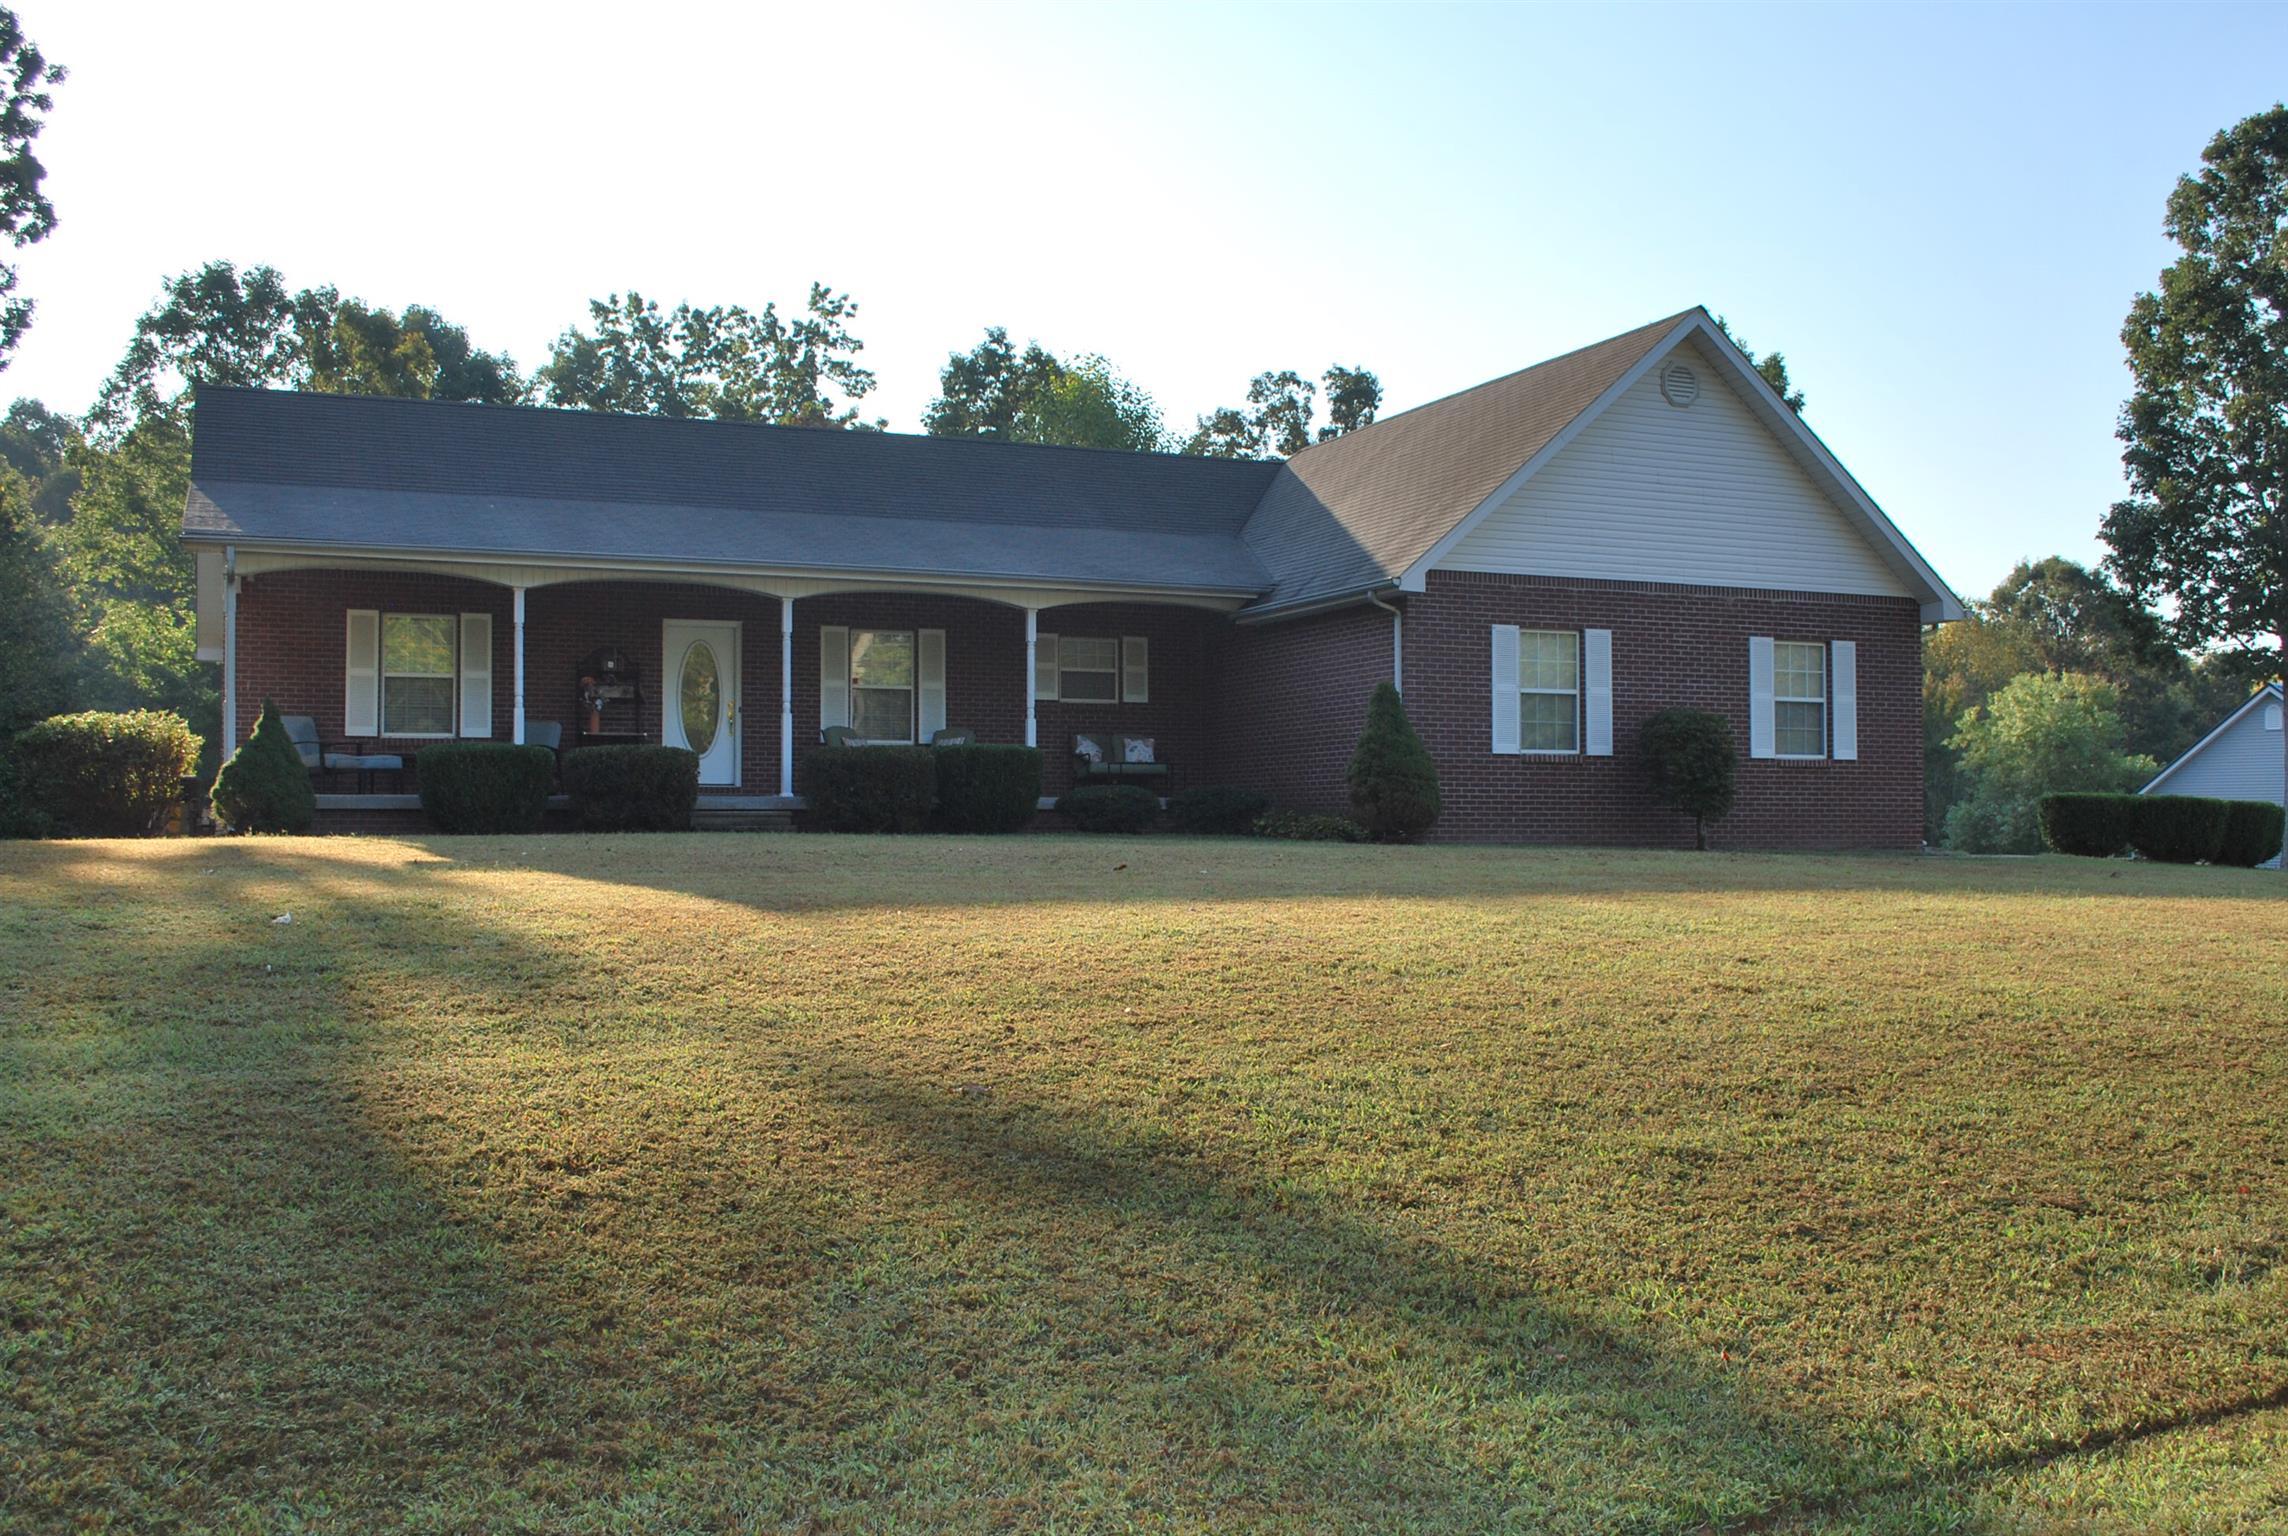 6013 Gray Fox Ln, Nunnelly, TN 37137 - Nunnelly, TN real estate listing